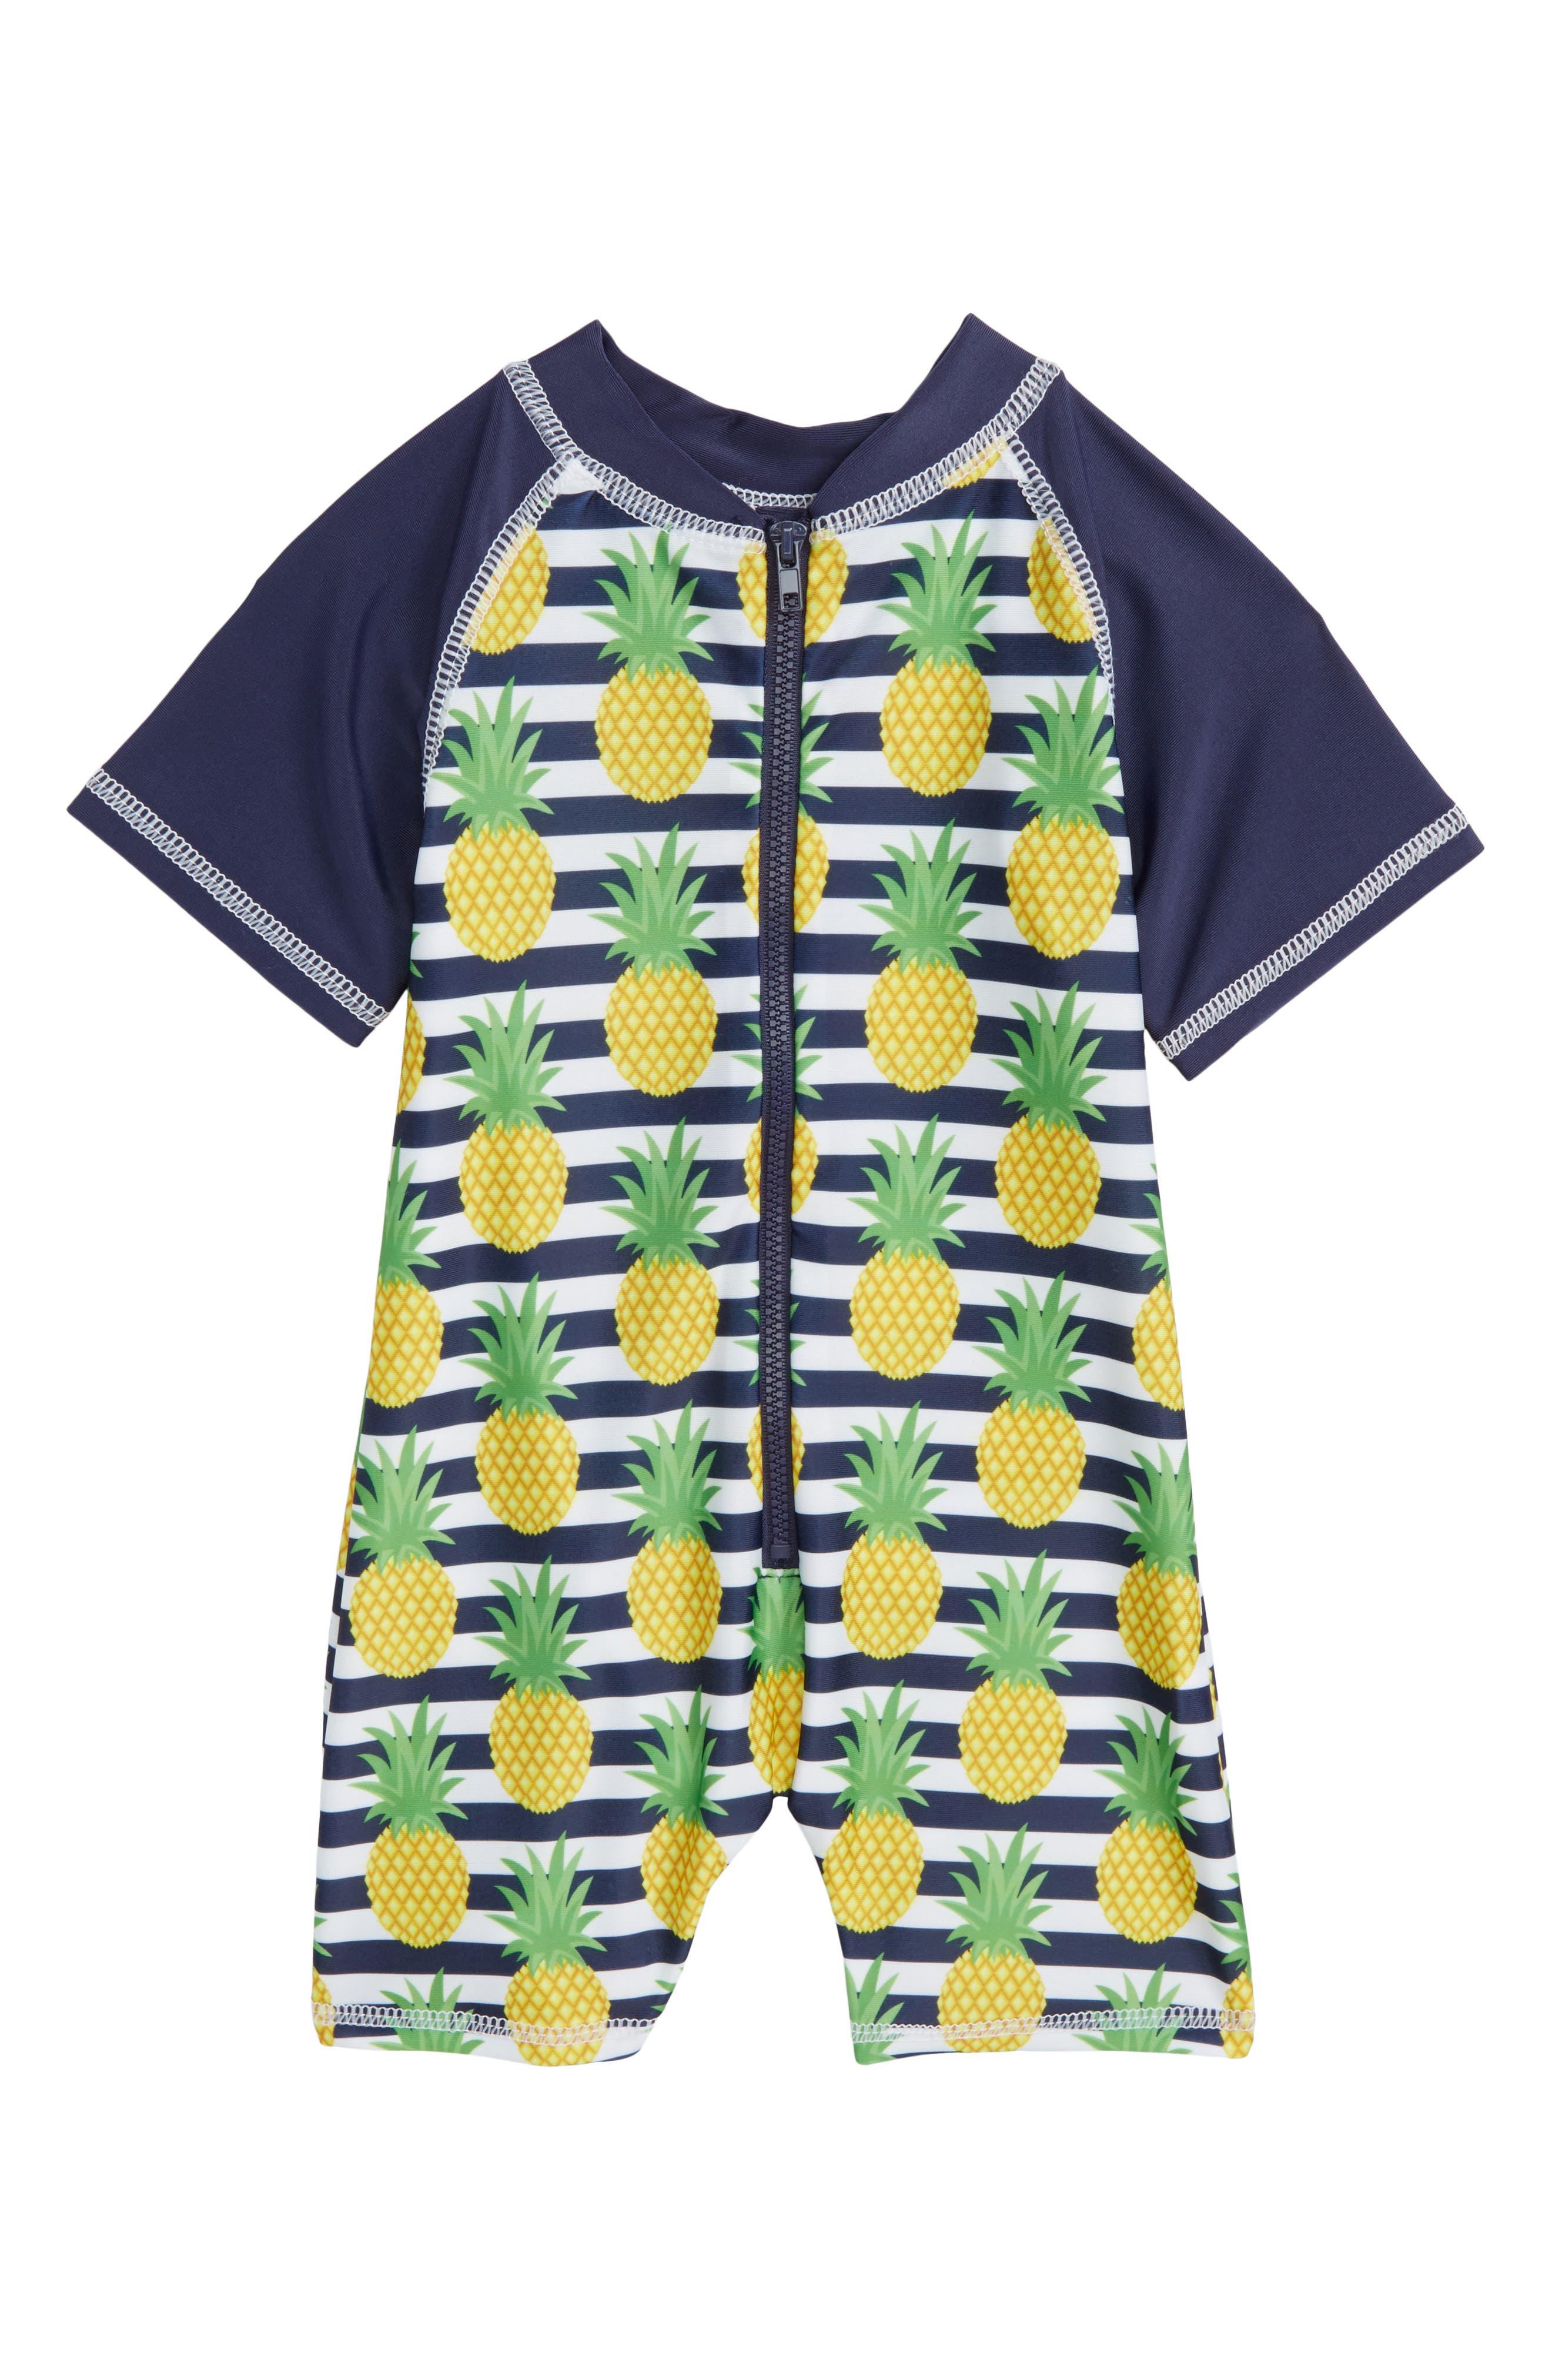 Sol Swim Preppy Pineapples One-Piece Rashguard Swimsuit (Baby Boys)